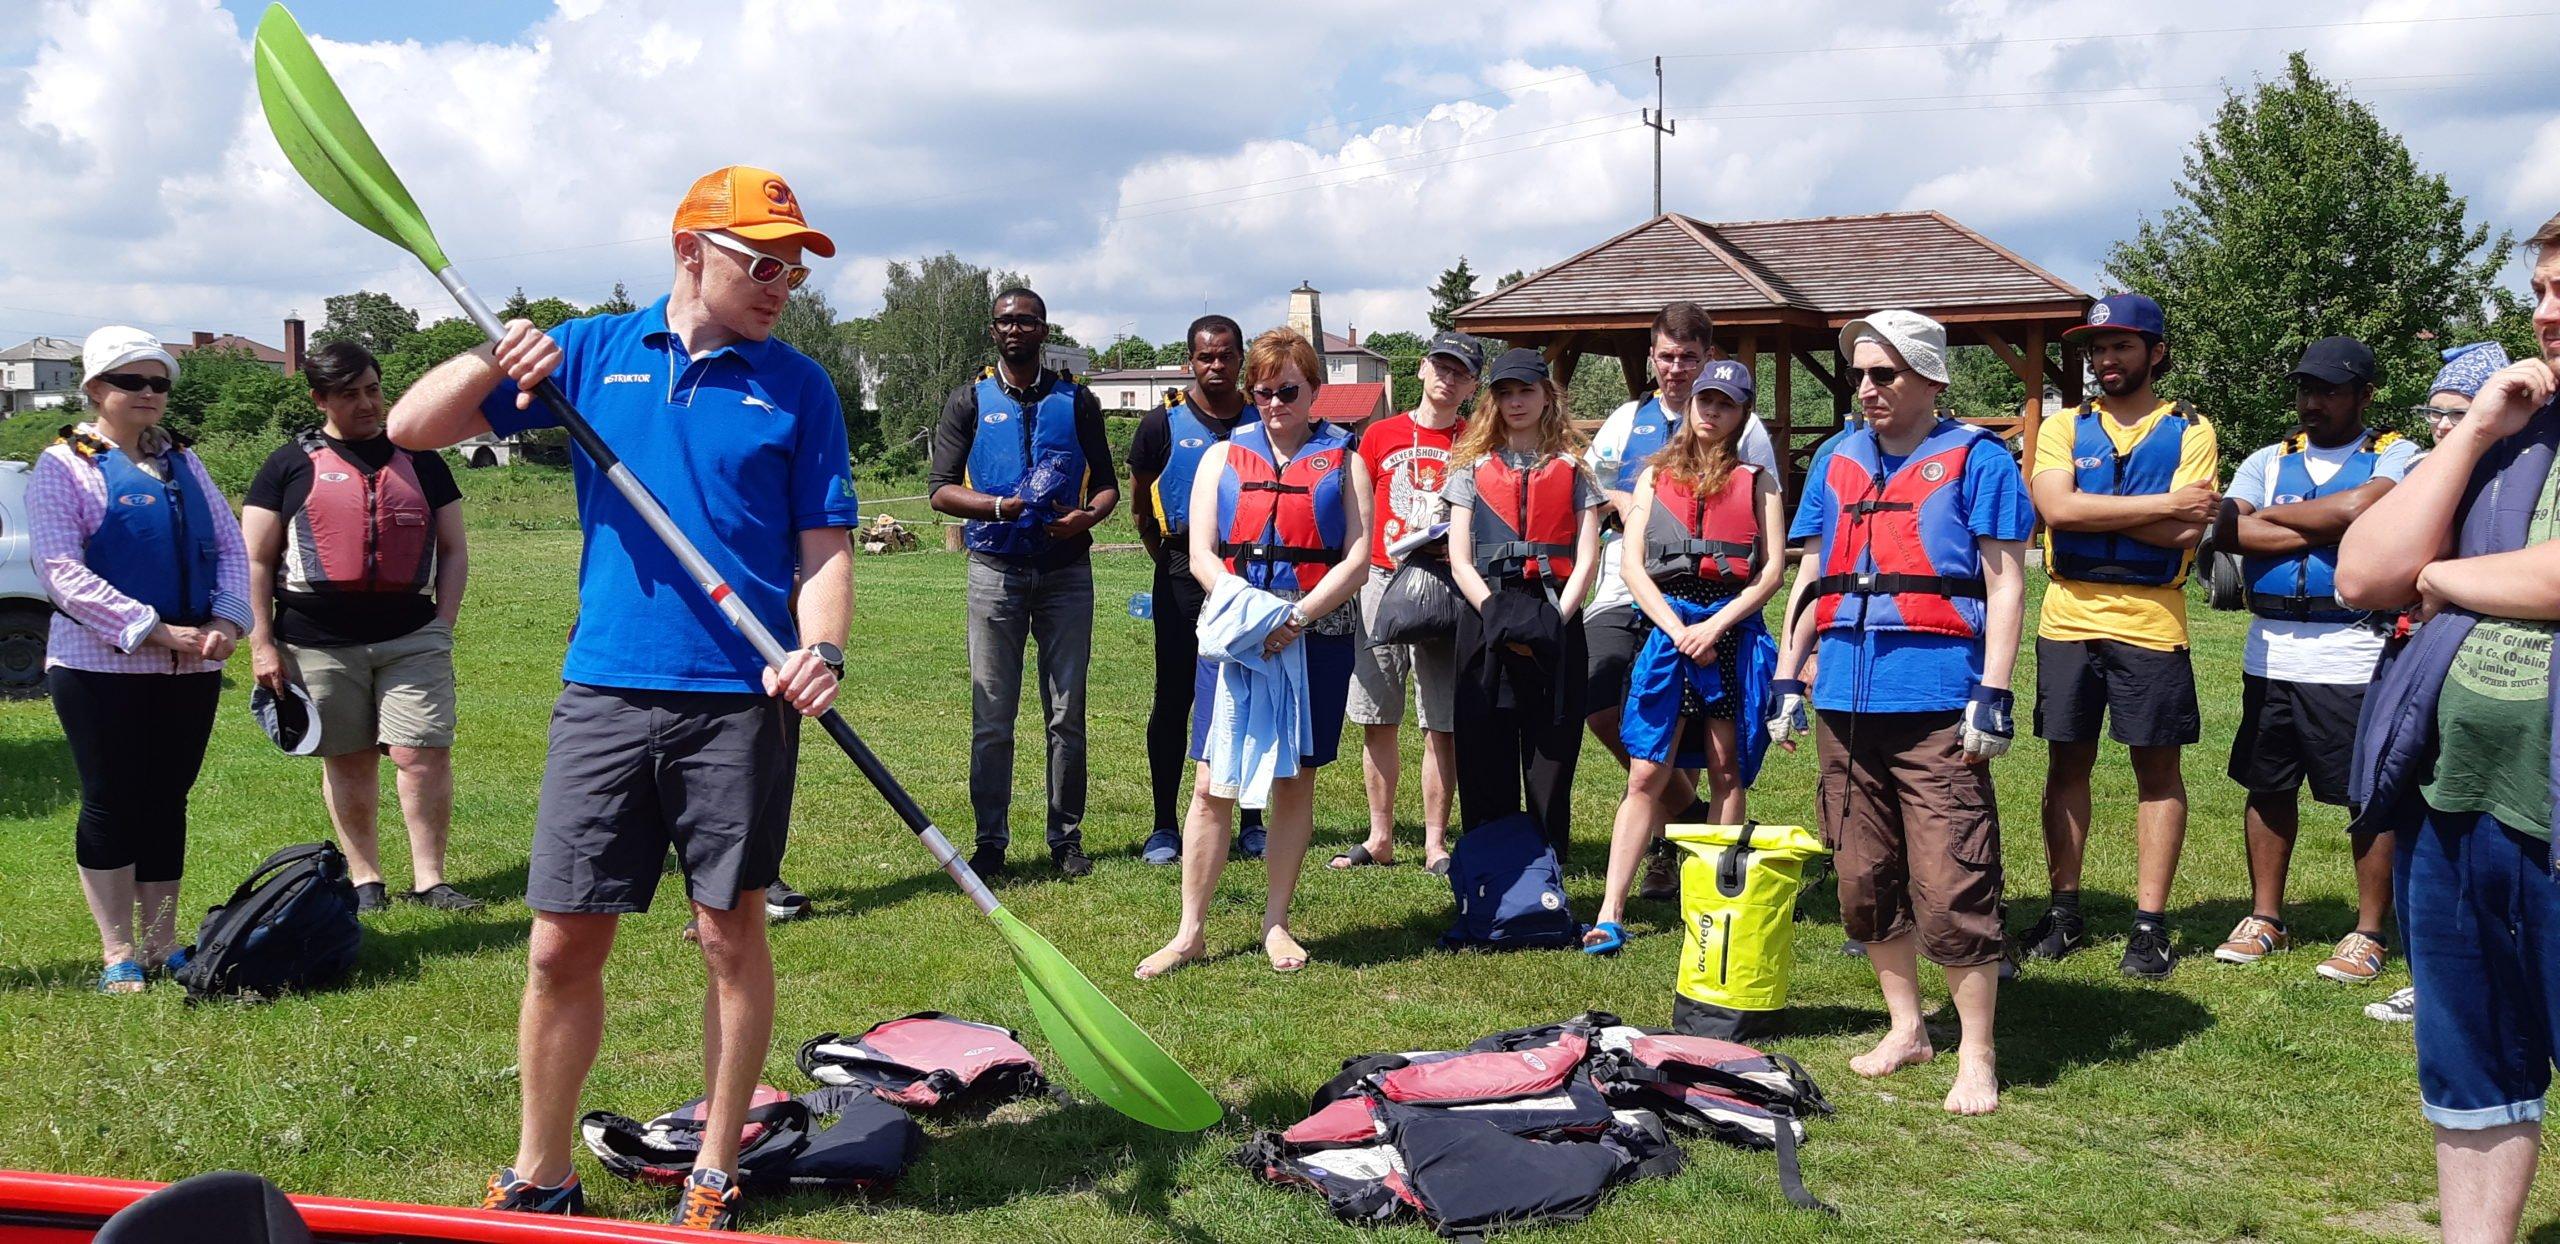 Spływ Bugiem - profesjonalny instruktaż przed spływem kajakowym na trasie Sławatycze - Jabłeczna